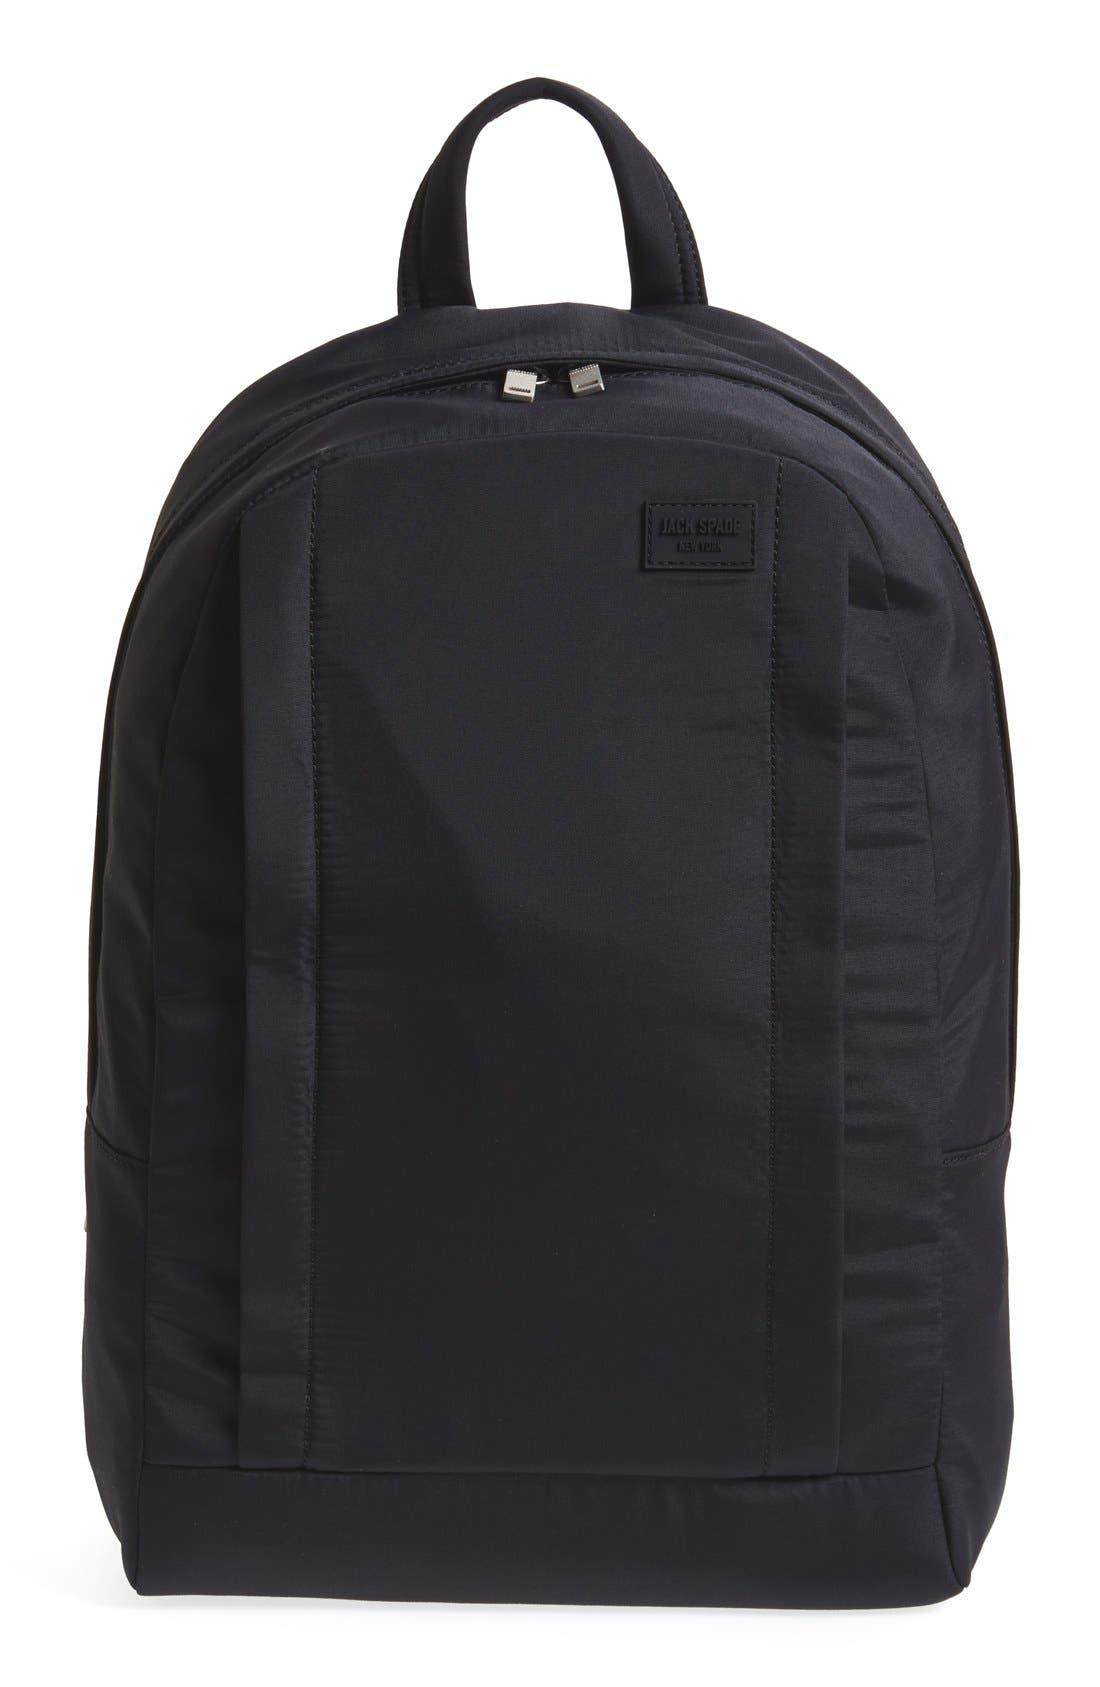 JACK SPADE 'Tech' Nylon Backpack, Main, color, 001